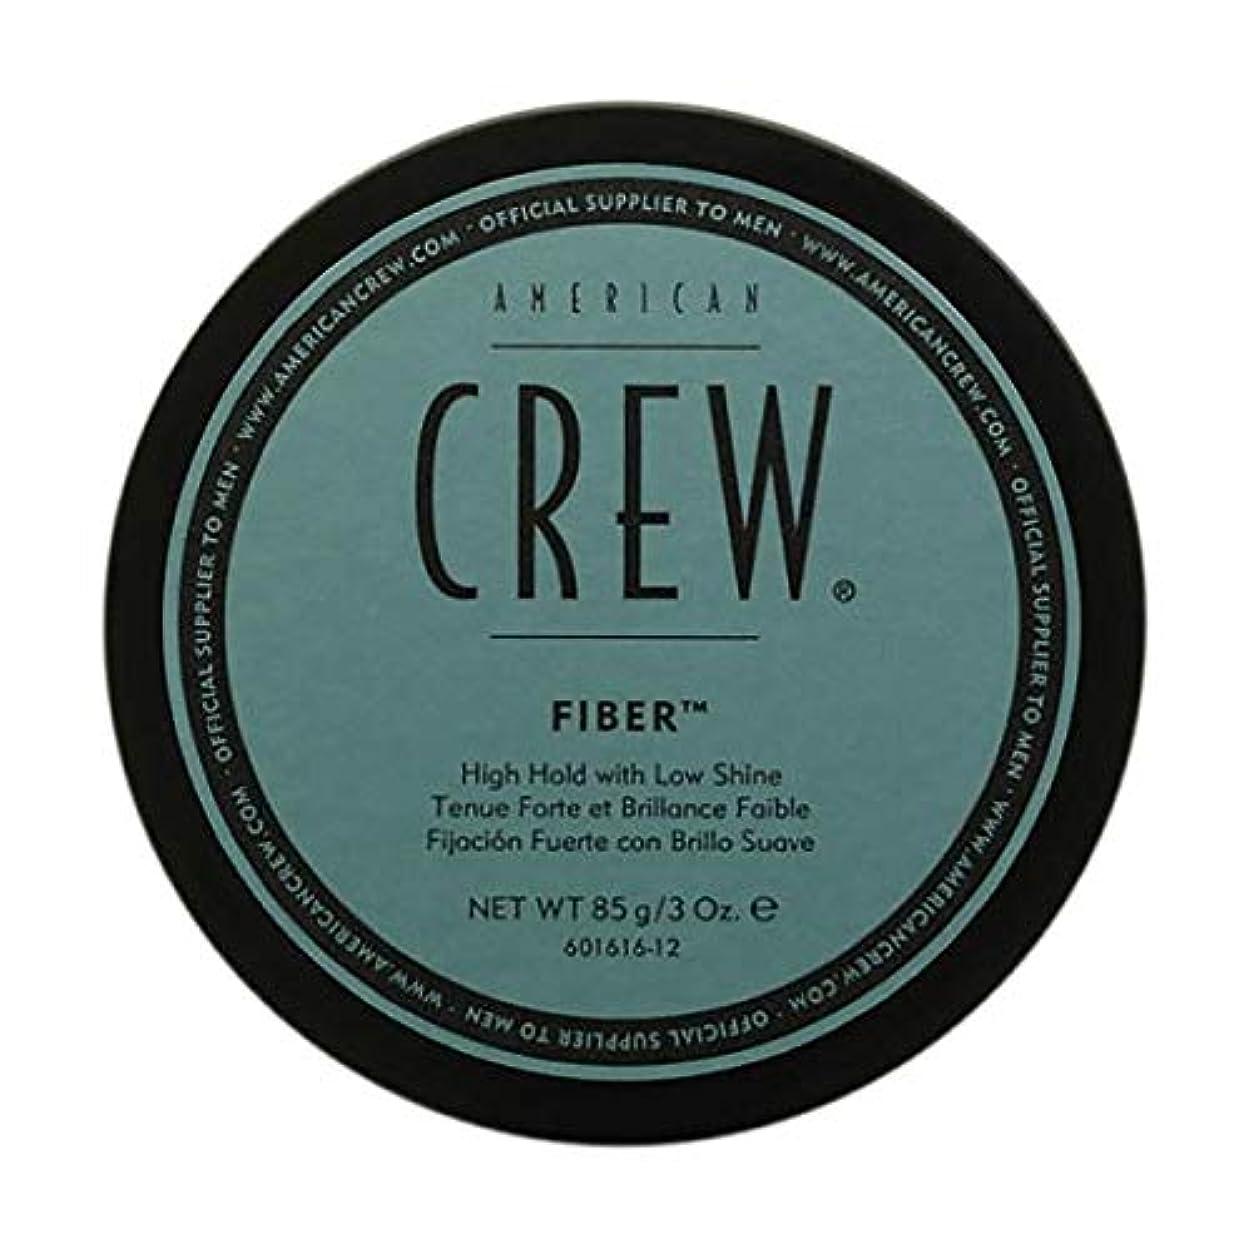 感情ホット炎上アメリカンクルー クラシック ファイバー American Crew Fiber 85g [並行輸入品]